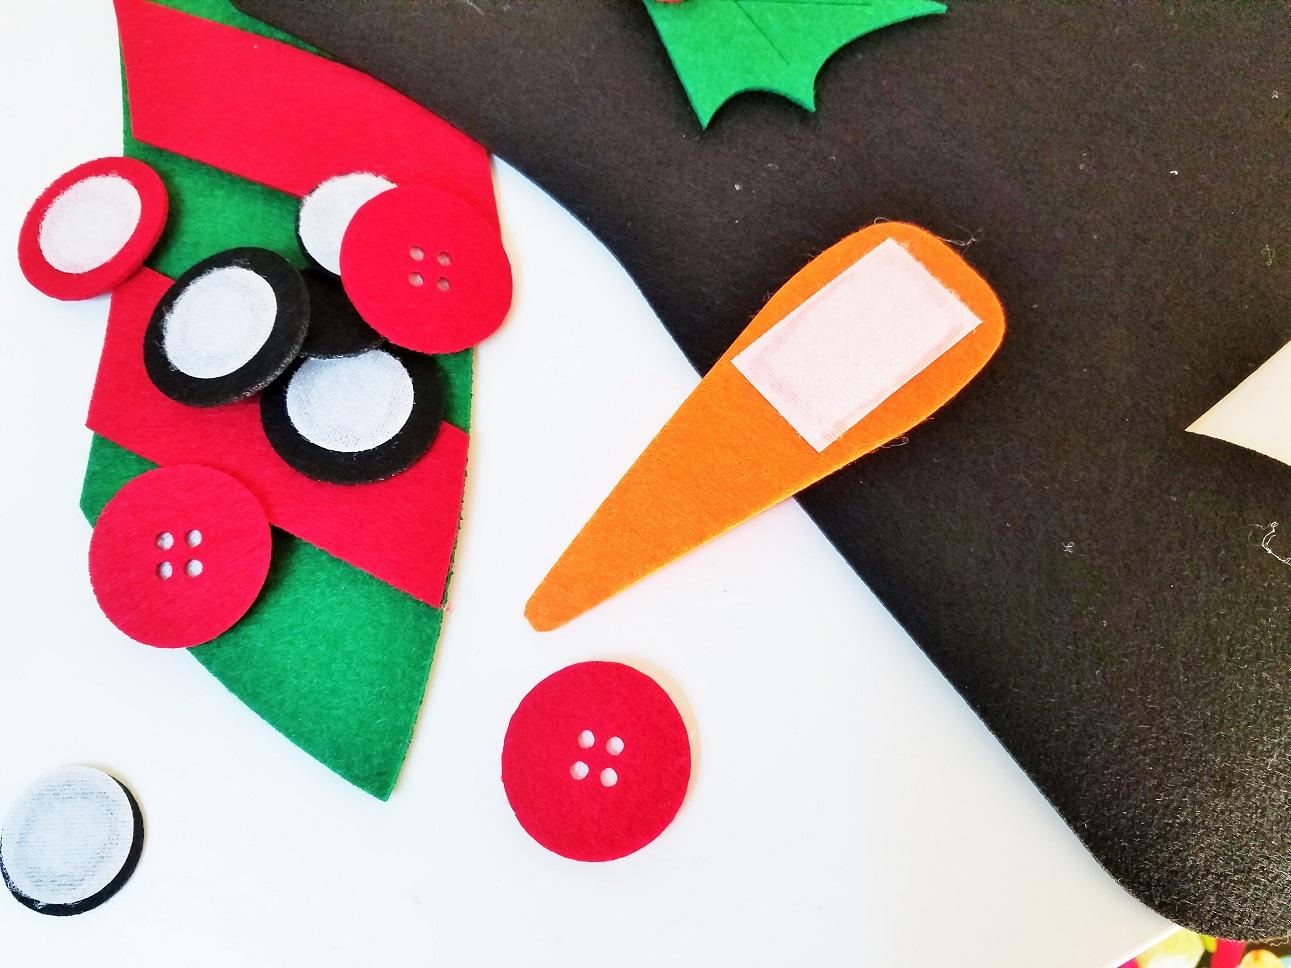 Felt Christmas Decorations Felt Snowman Pieces with Velcro on